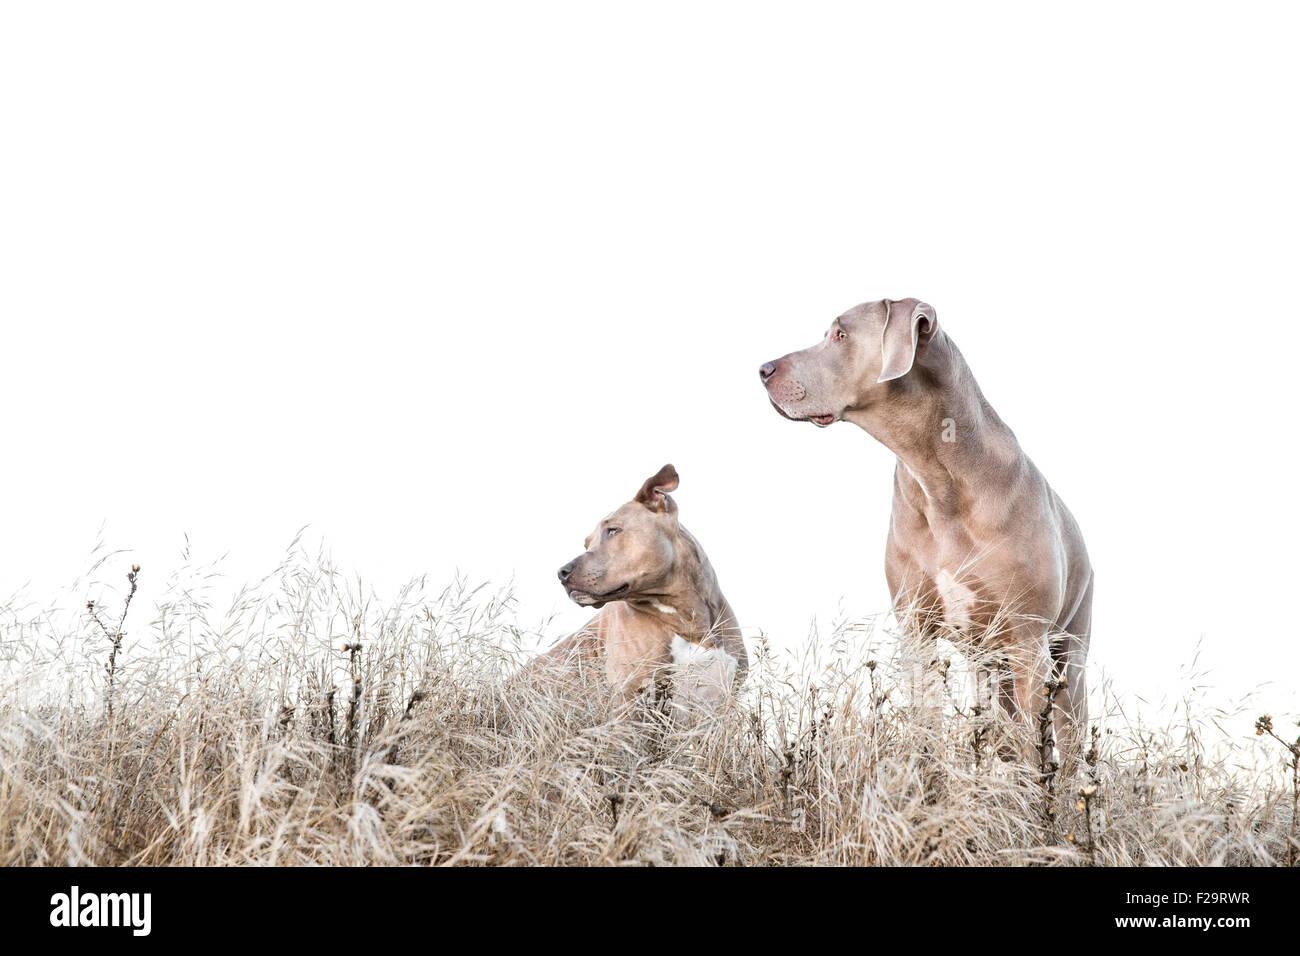 Braque et Pitbull debout aux côtés de hautes herbes sèches dans le champ, à gauche, l'espace Photo Stock